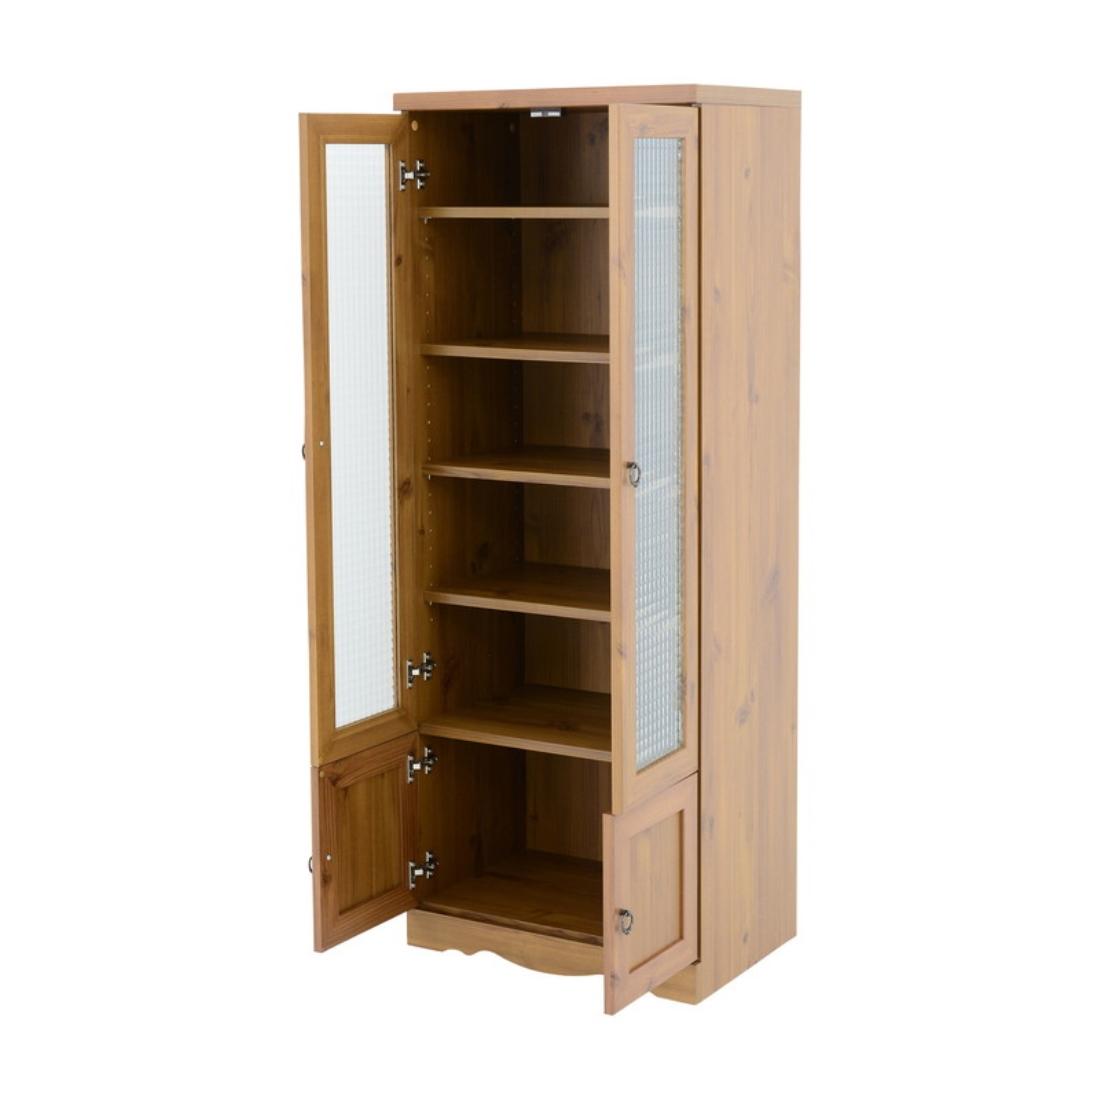 送料無料 オシャレ 家具 台所 収納 Bistro(ビストロ)食器棚 カップボード(60cm幅) オシャレ